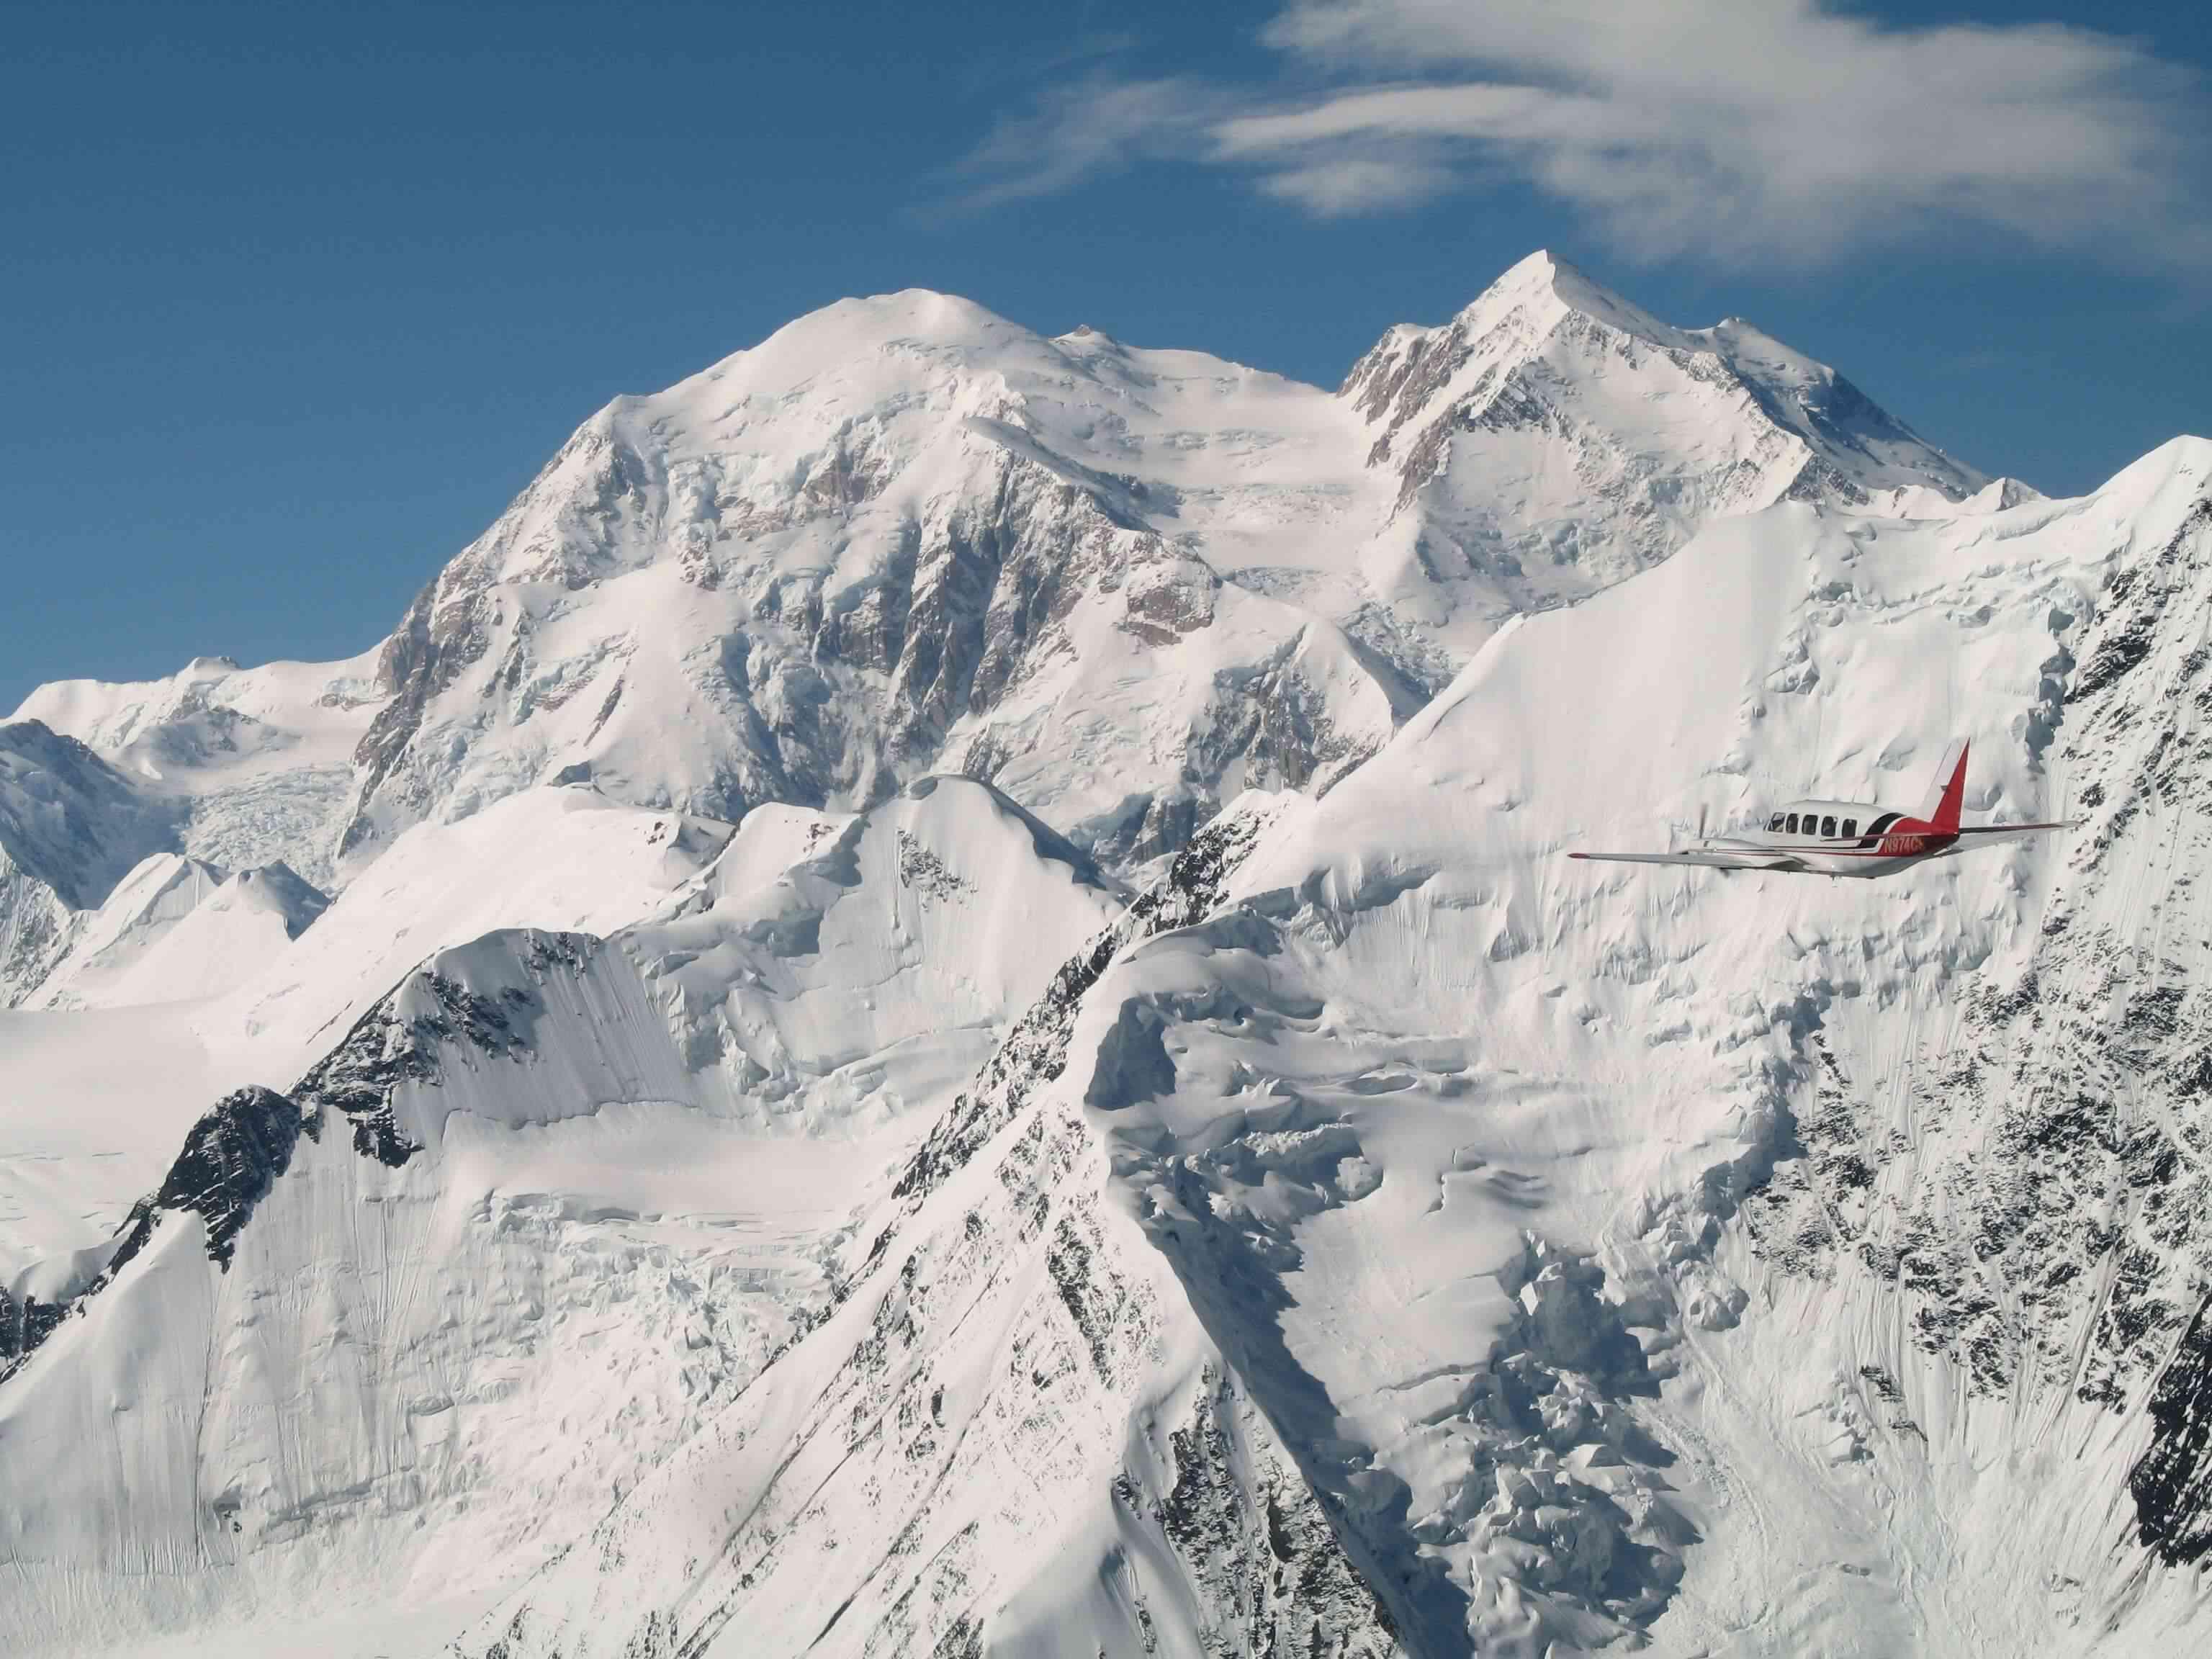 Chieftain-approaching-Denali, Denali Air